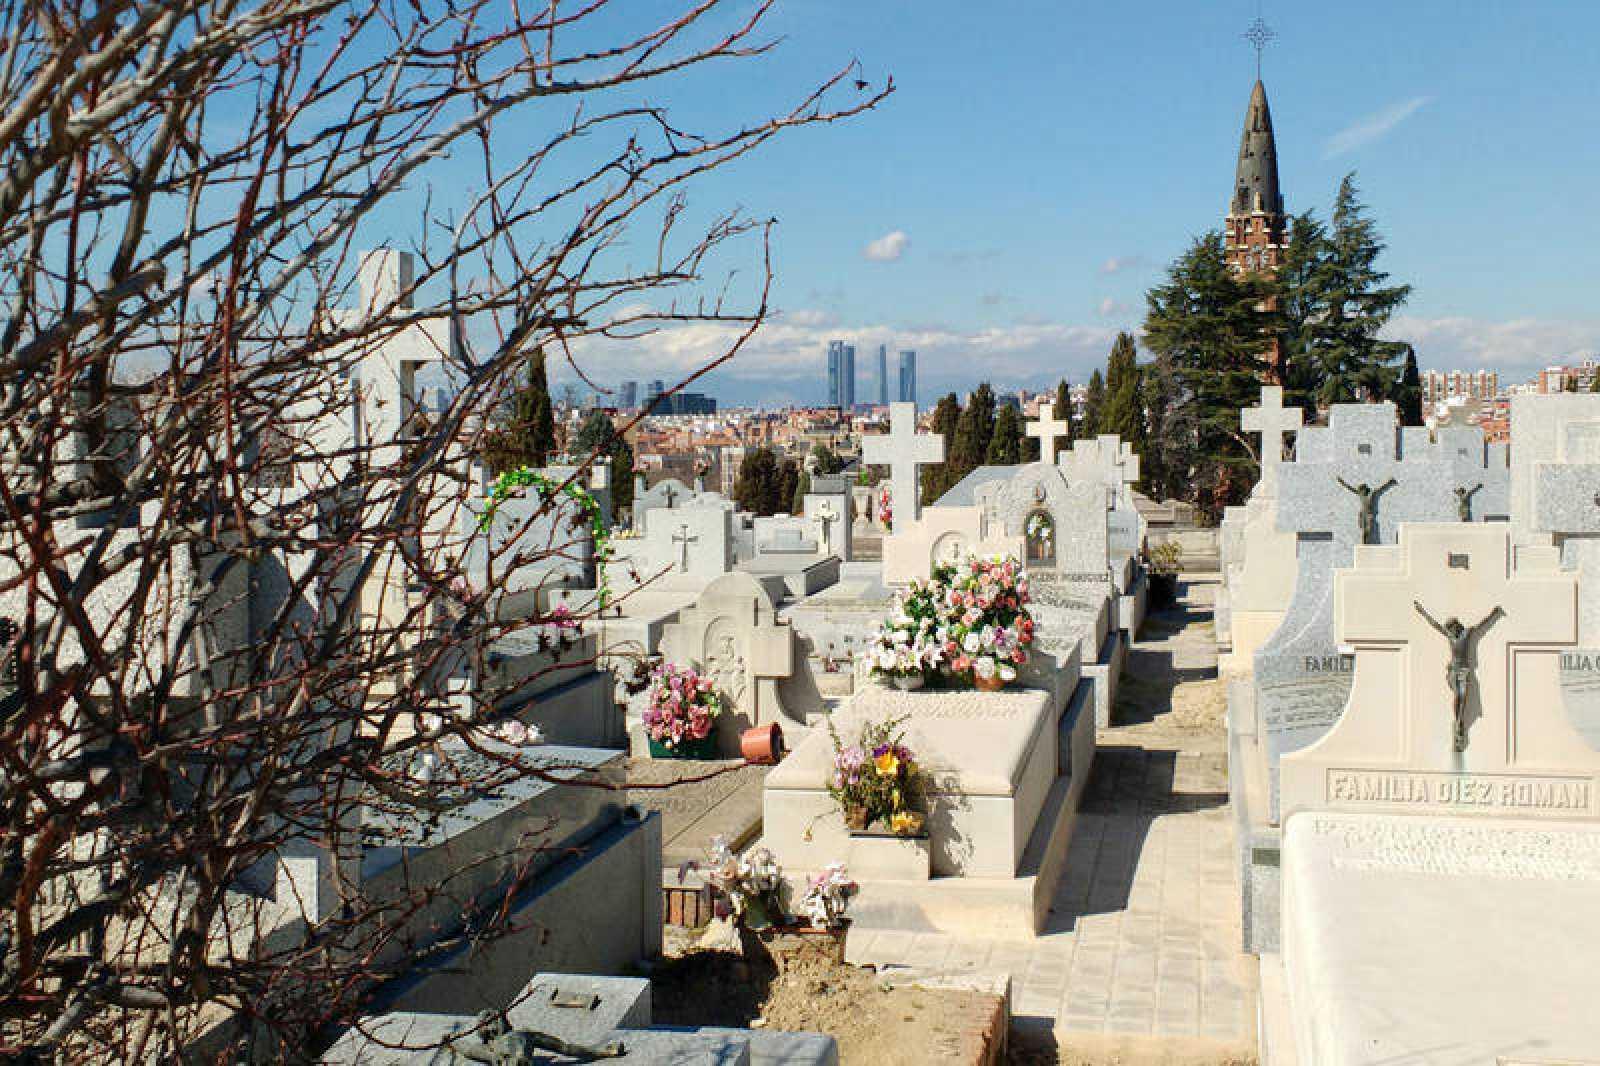 La fiesta cristiana de Todos los Santos implica creencia en la vida eterna, no en la muerte